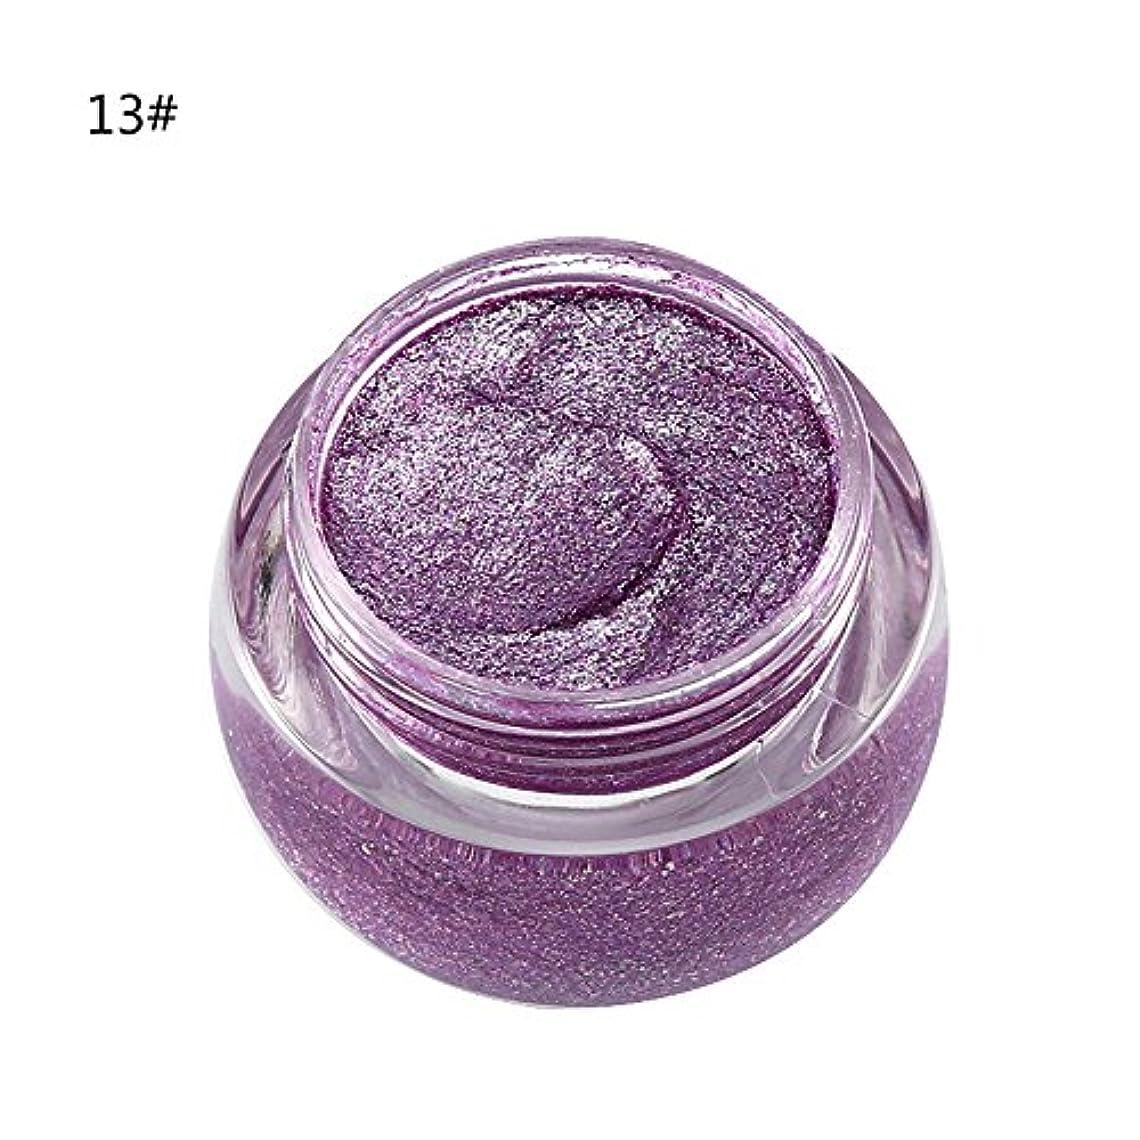 続ける暴動目指すアイシャドウ 単色 化粧品 光沢 保湿 キラキラ 美しい タイプ 13